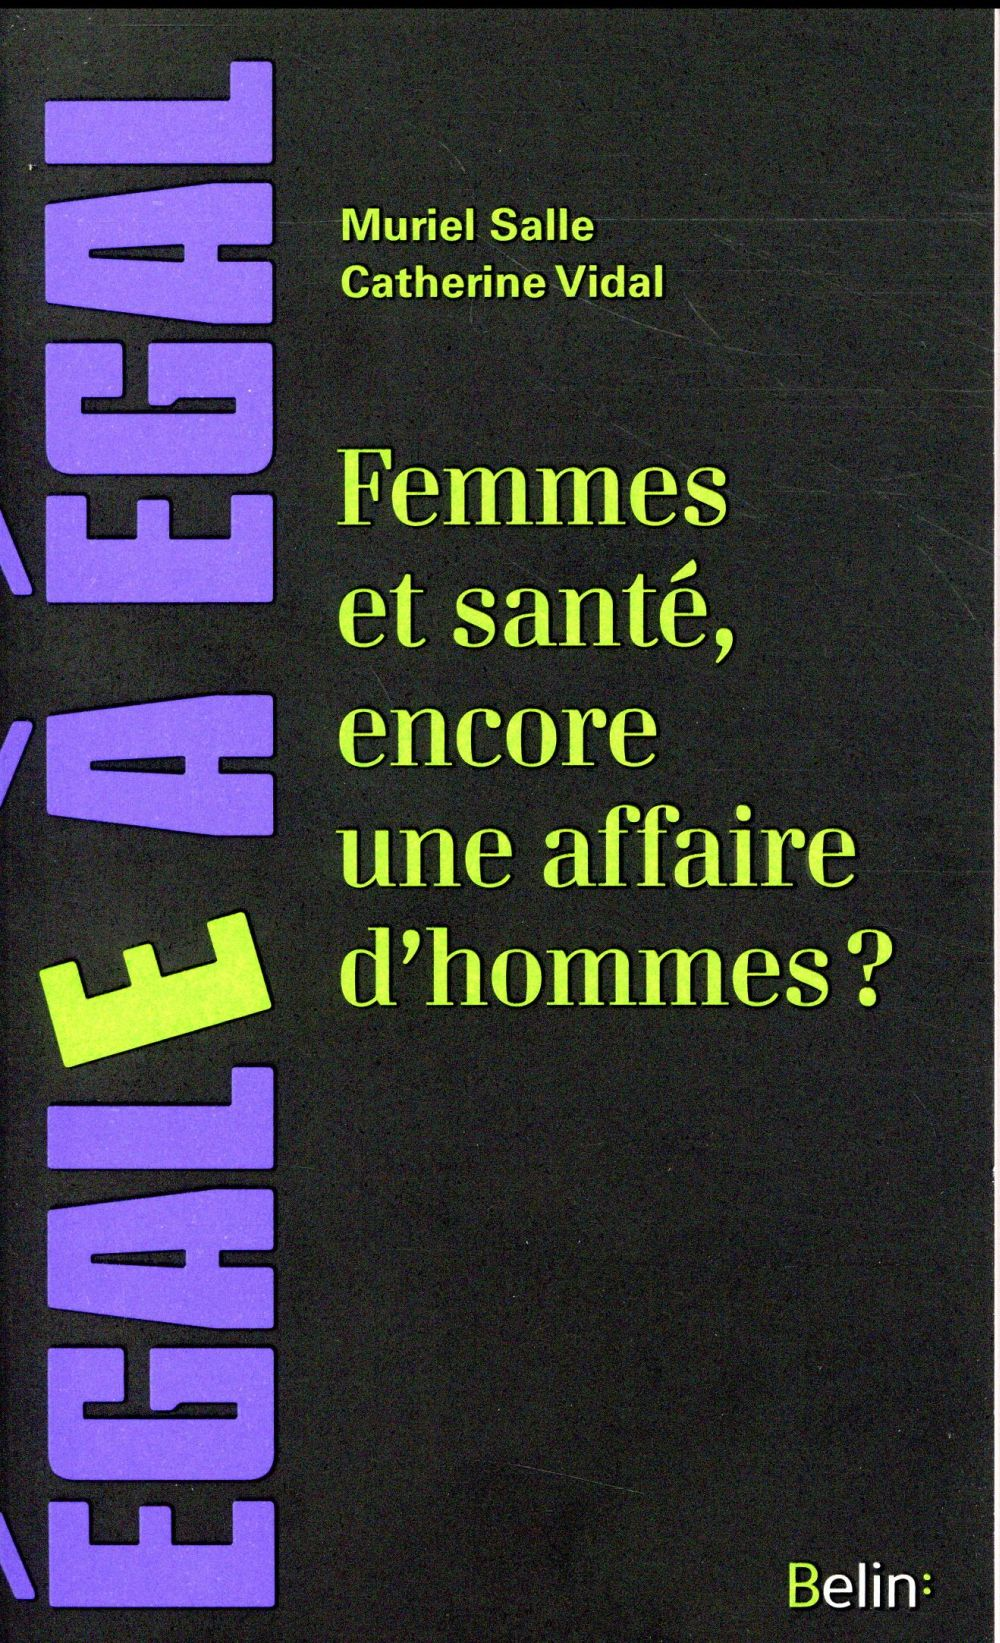 Femmes et santé, encore une affaire d'hommes ?